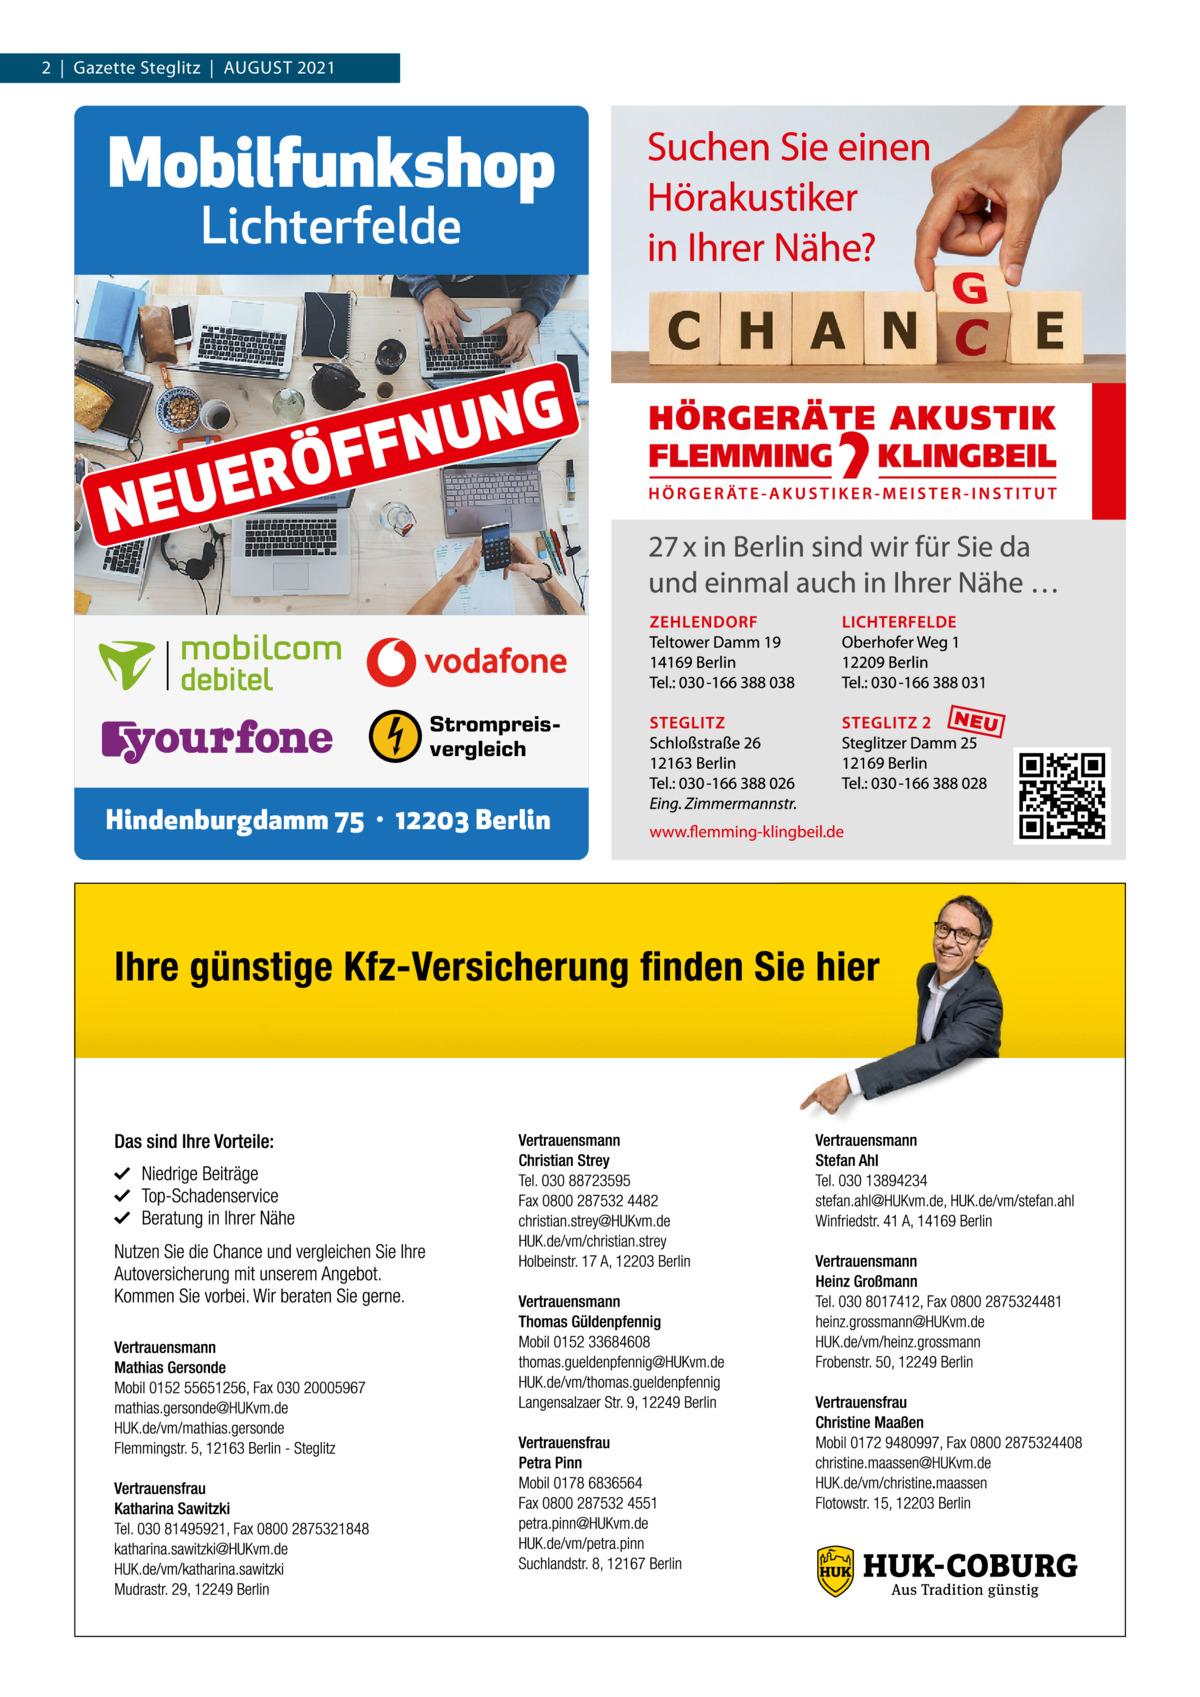 2 Gazette Steglitz August 2021  Mobilfunkshop Lichterfelde  Ö R E U NE  G N U FFN  Strompreisvergleich  Hindenburgdamm 75 · 12203 Berlin